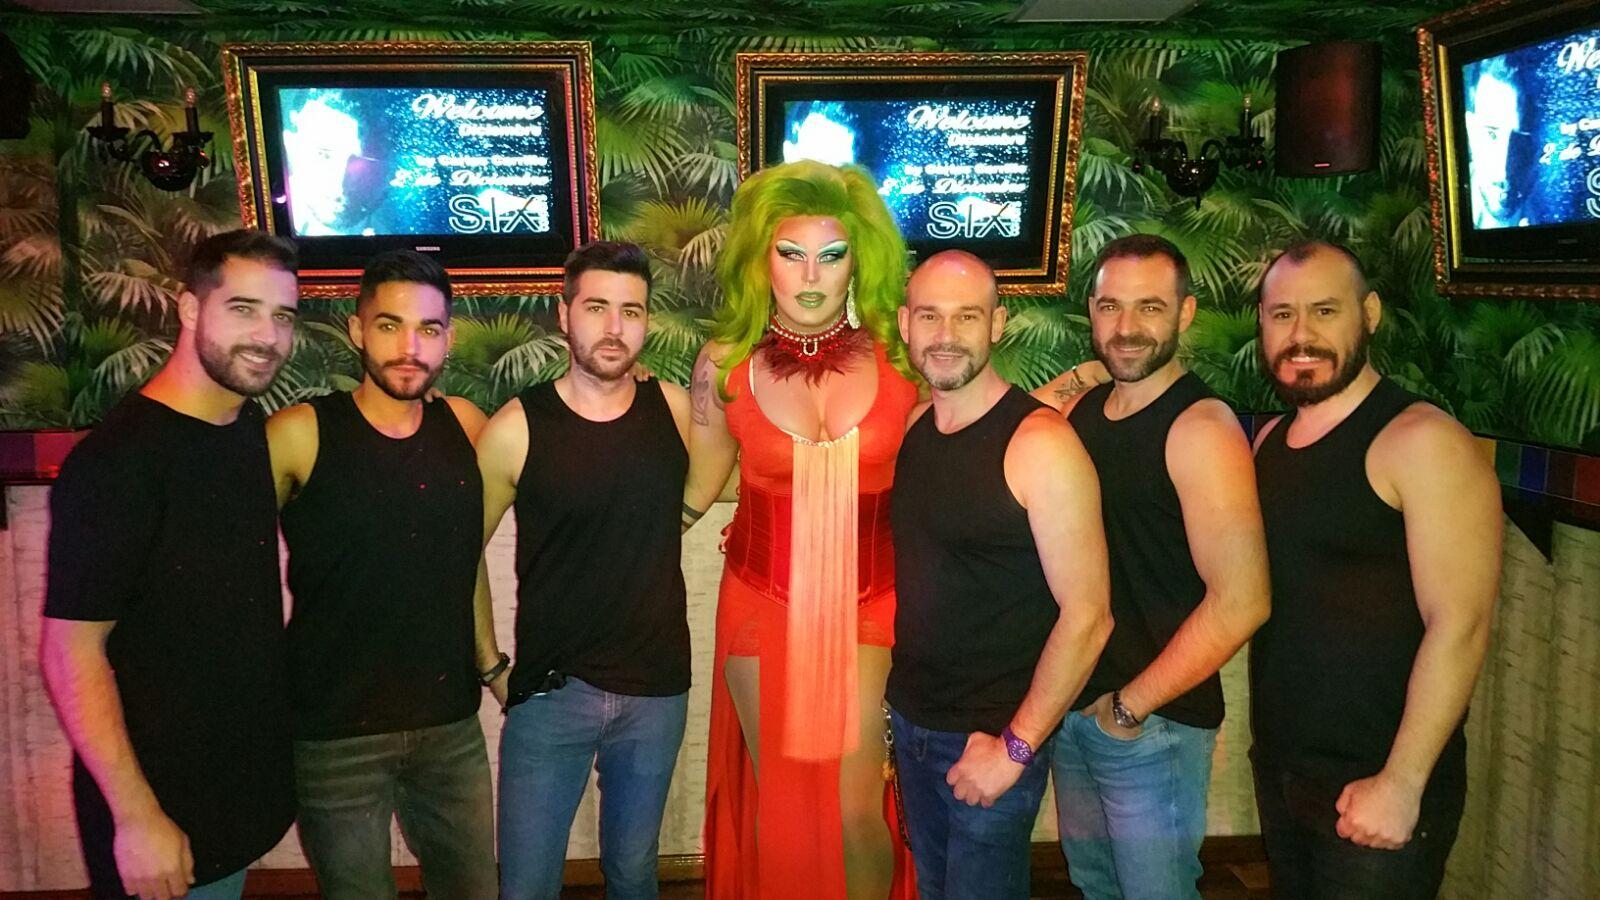 bares gay en granada nicaragua